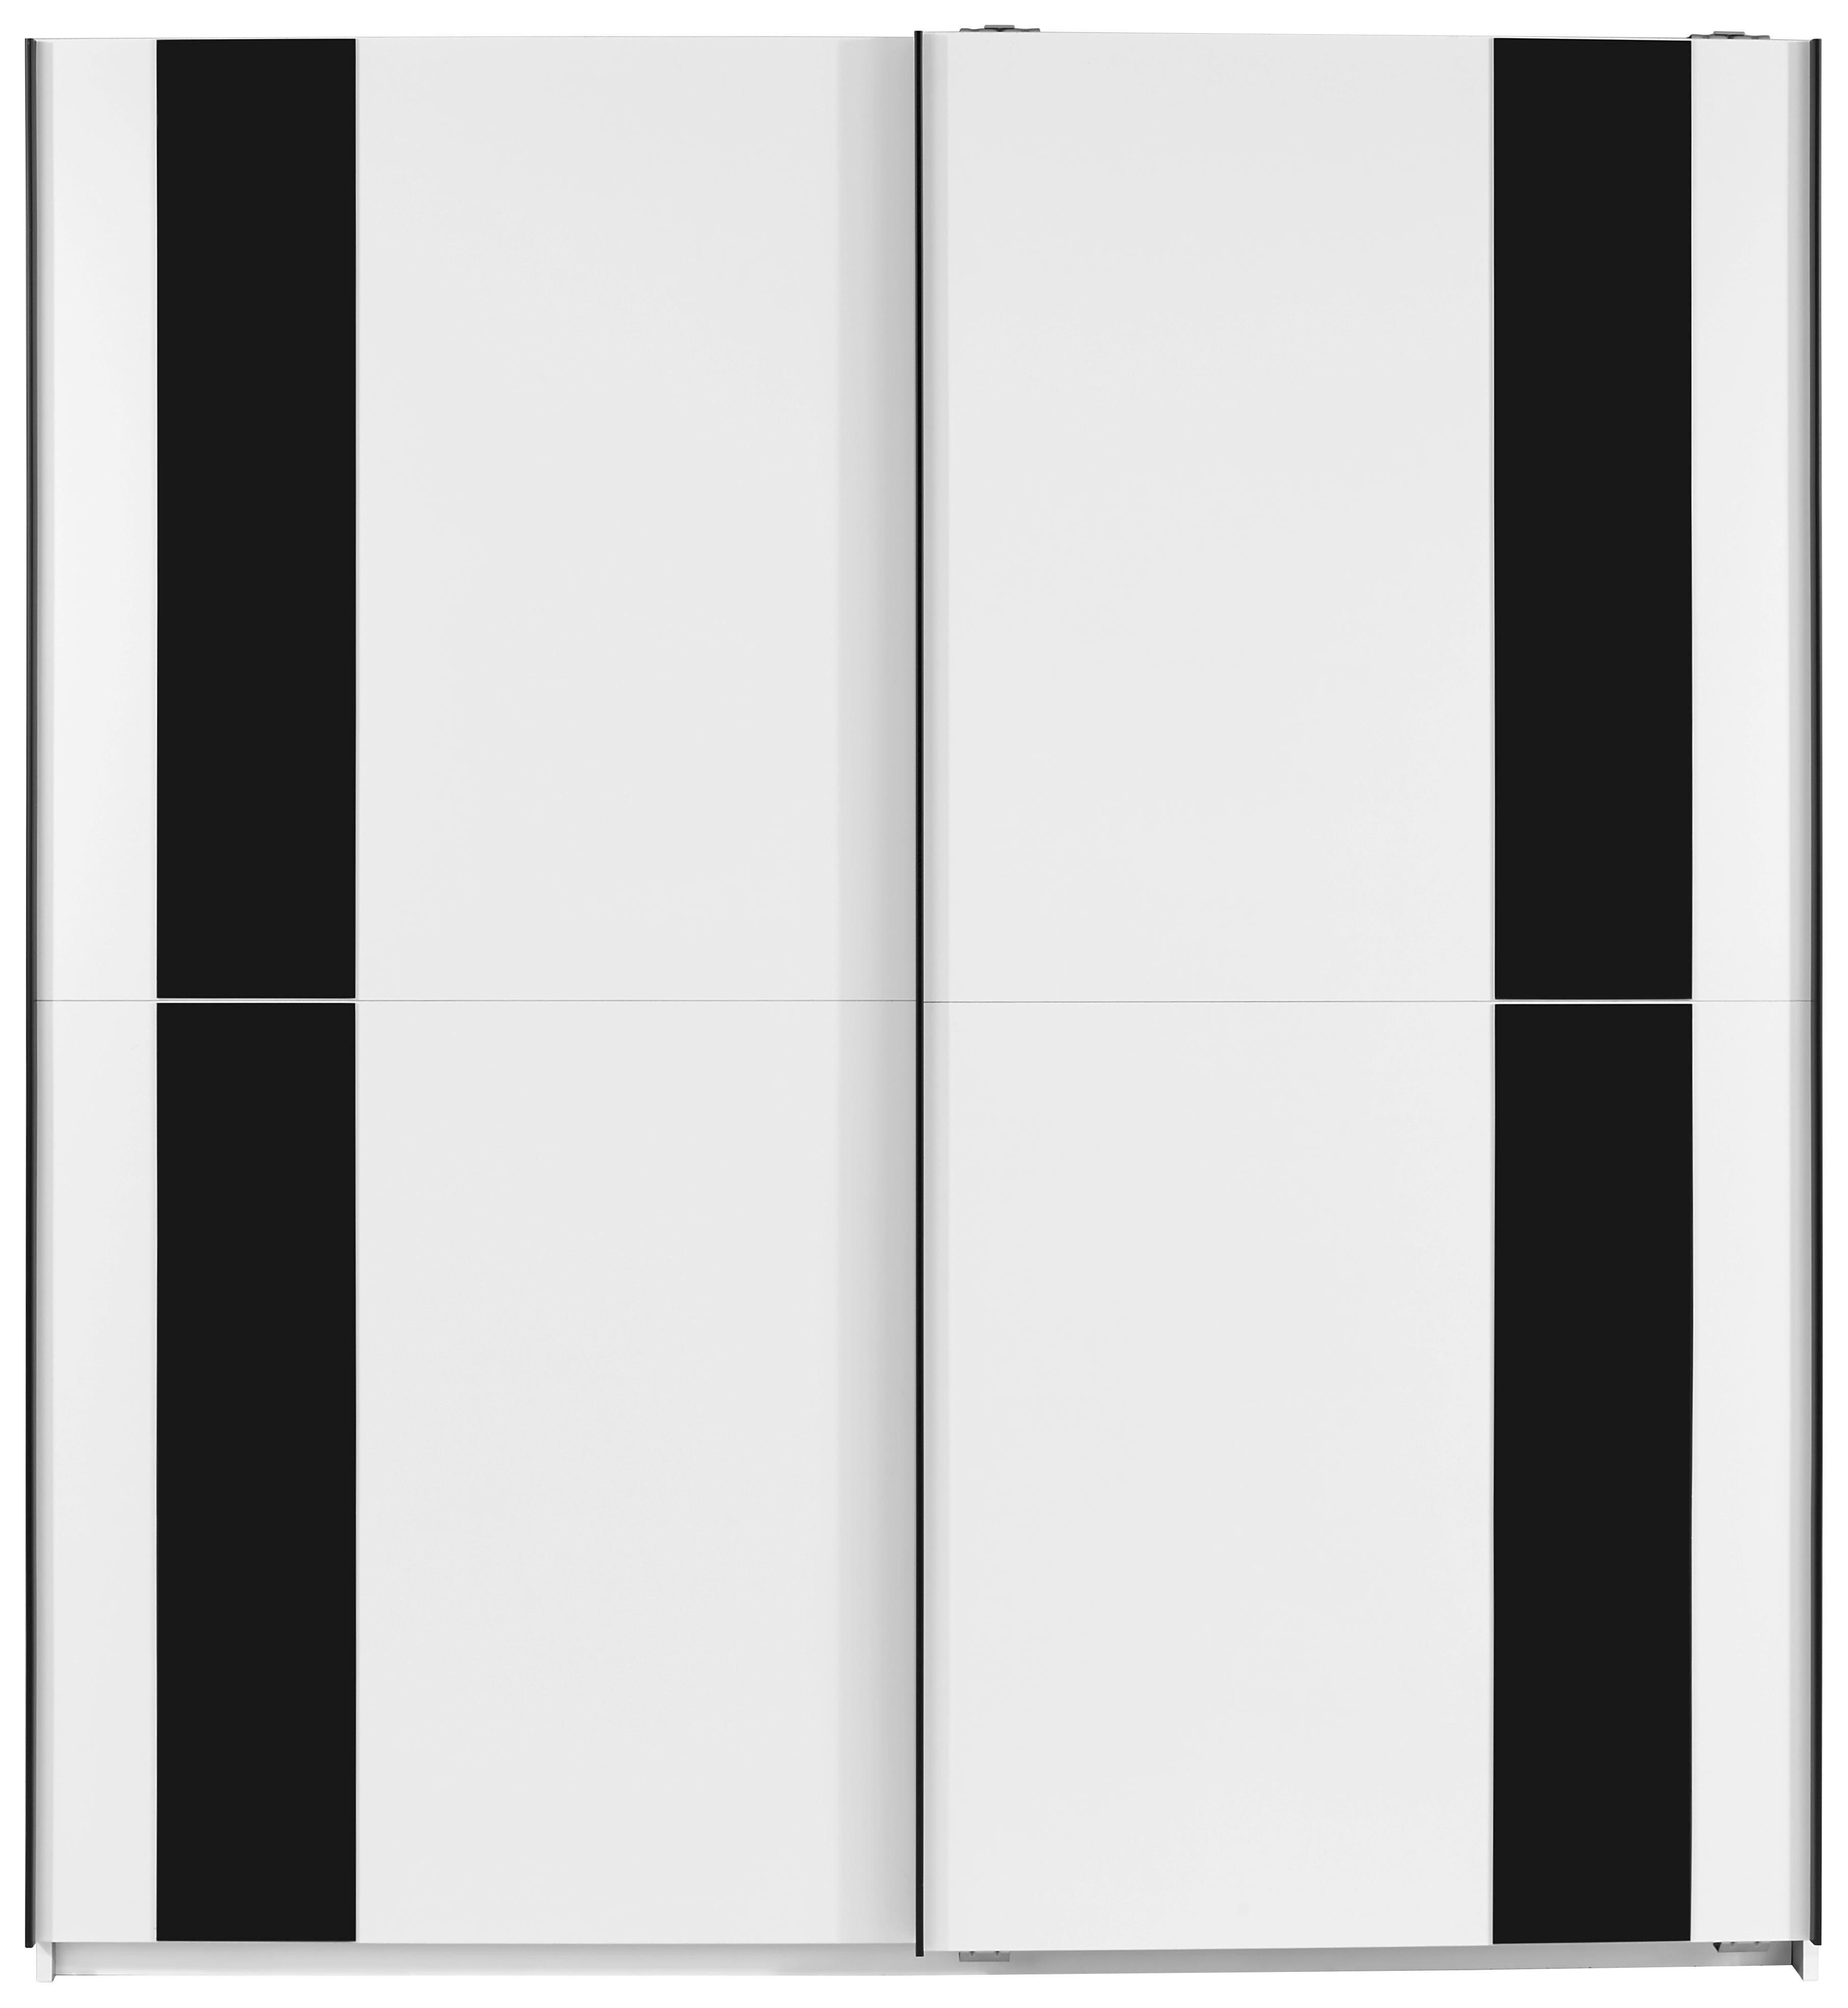 Schwebetürenschrank weiß grau  Schwebetürenschrank Kiel online kaufen ➤ Möbelix